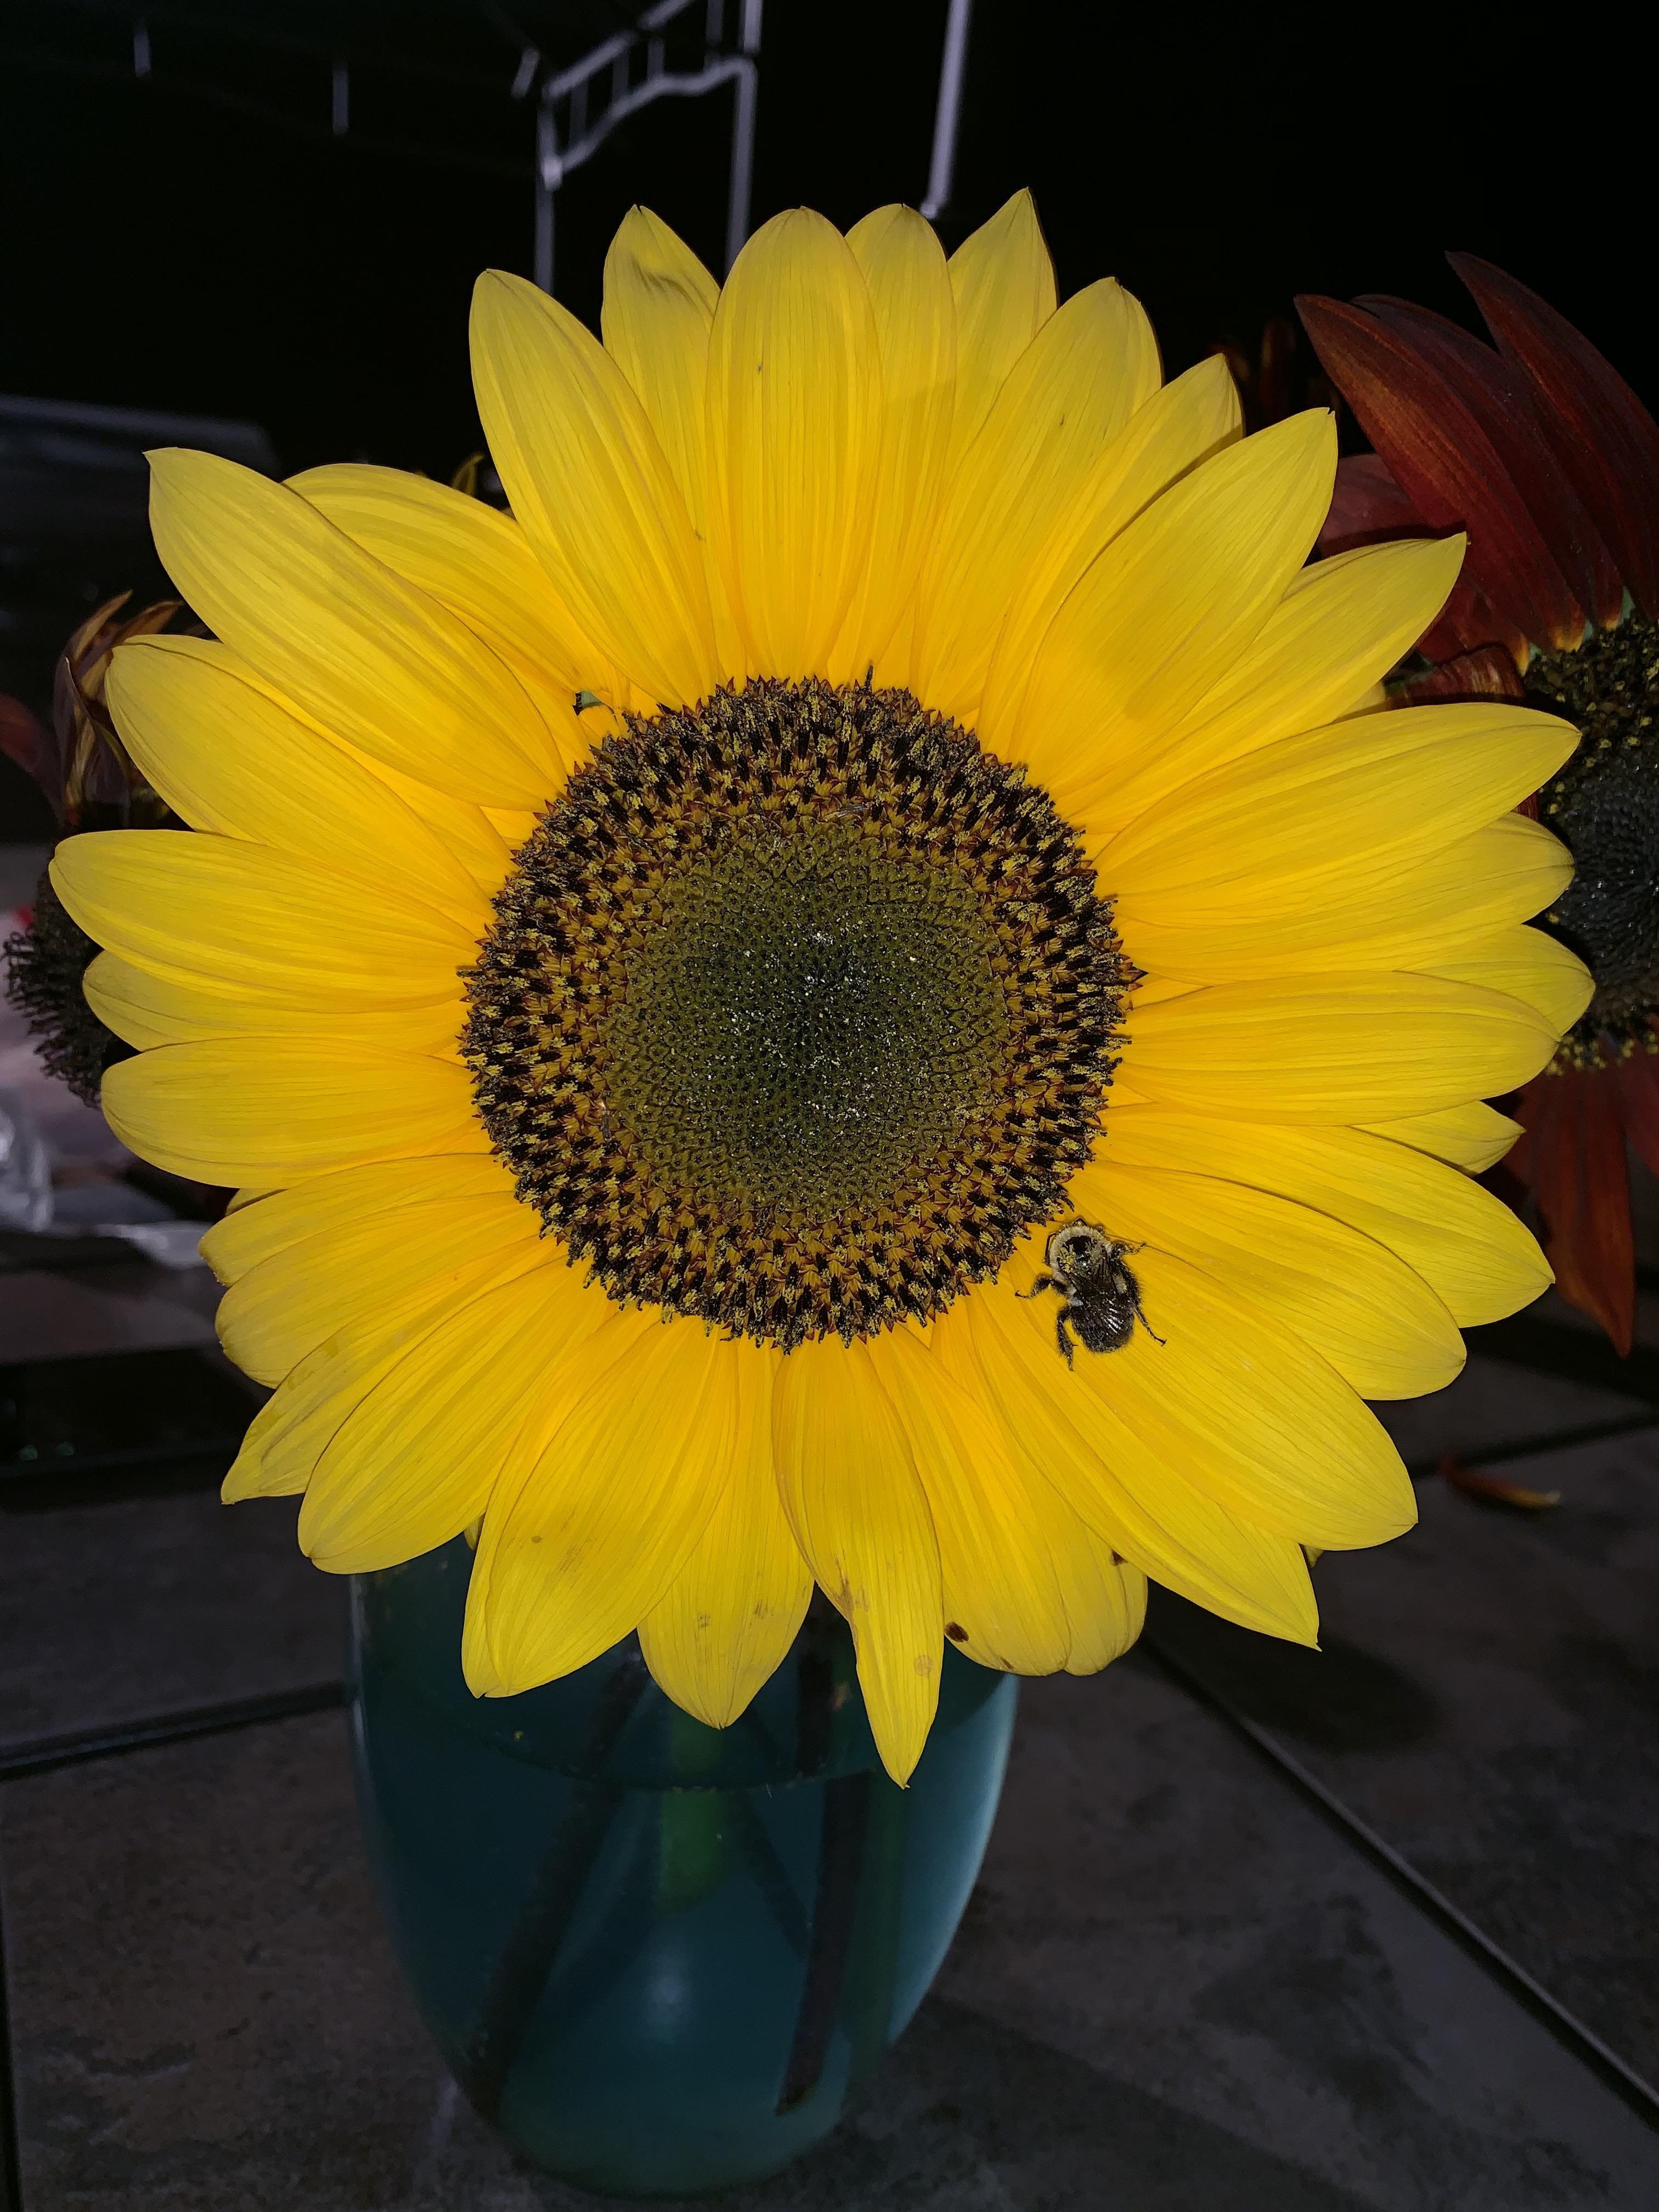 Lemon queen ft. KOd bumble gardening garden DIY home